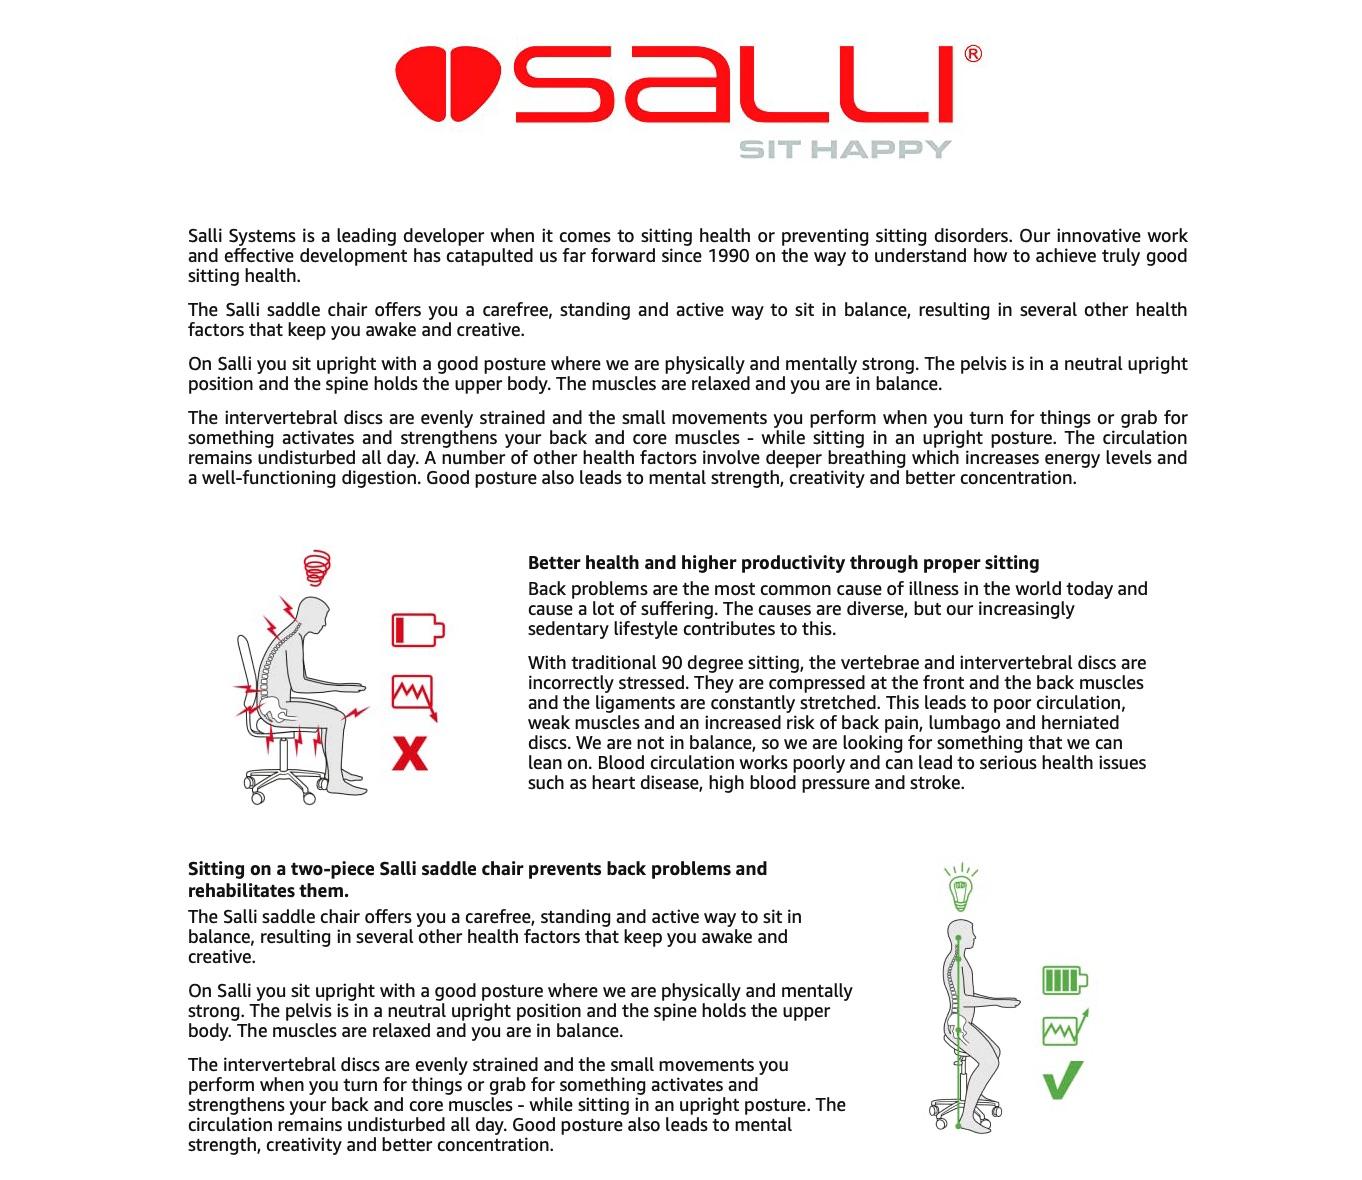 salli sit happy description